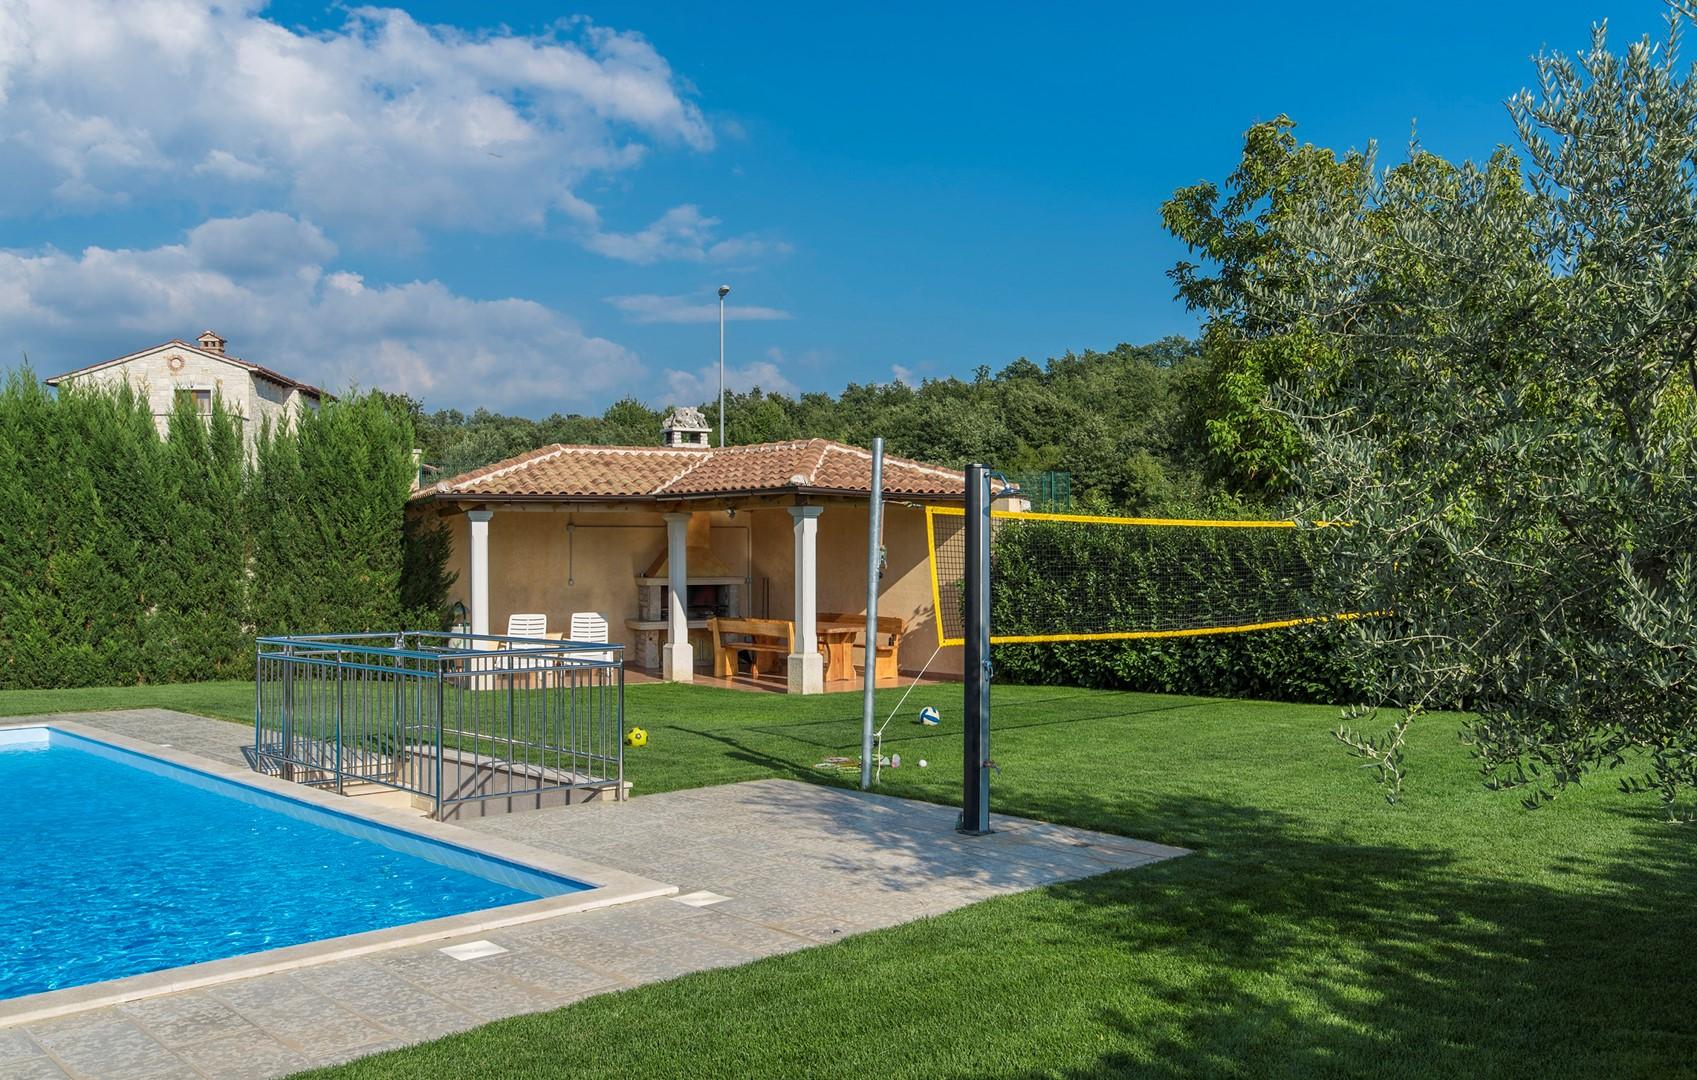 Ferienhaus Geräumige Villa Nikka mit schönem Garten und Pool (1412592), Kanfanar, , Istrien, Kroatien, Bild 26